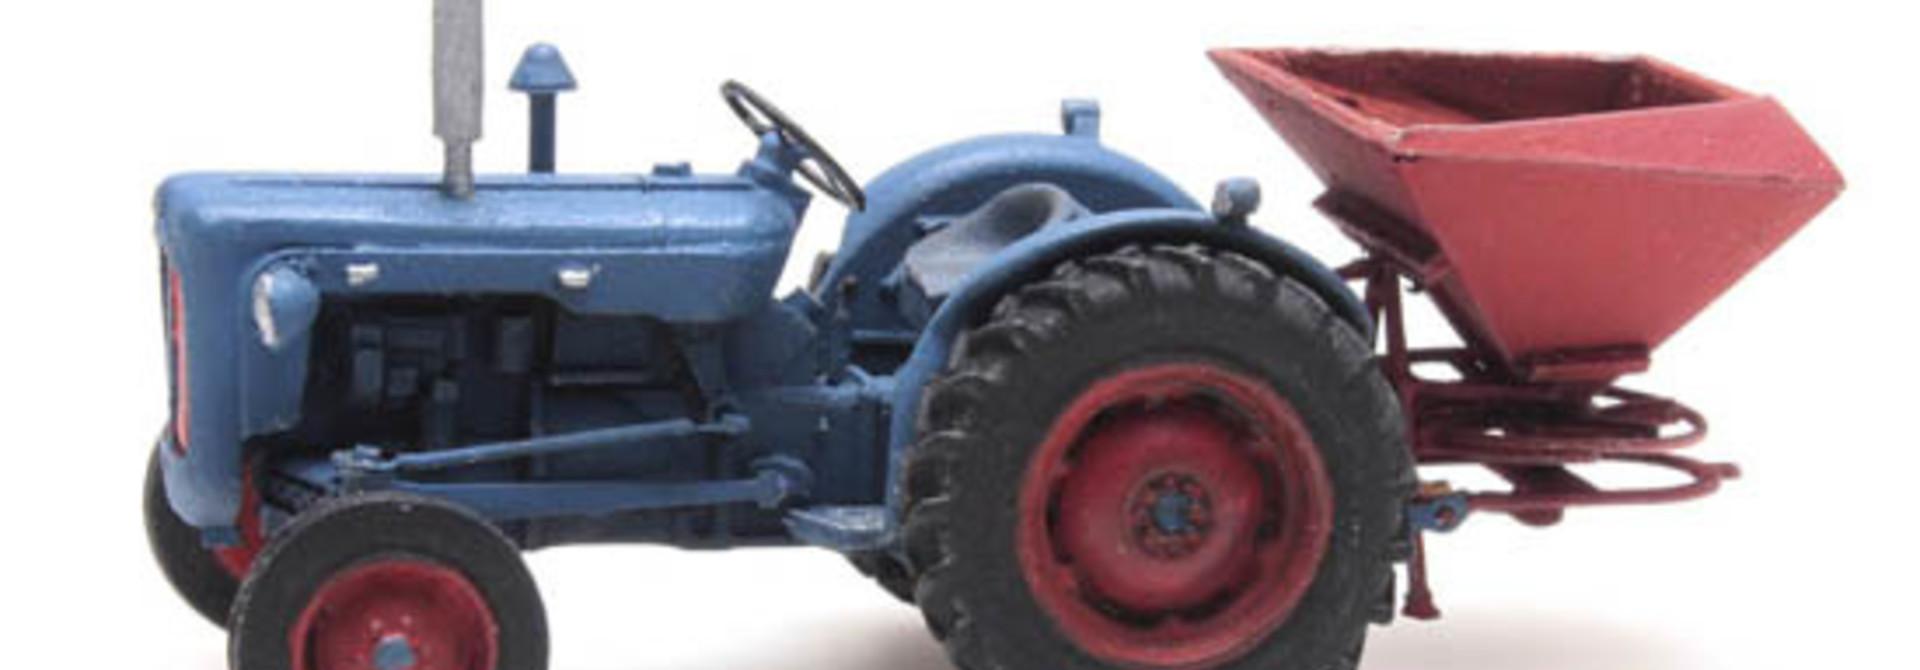 387.347 - Traktor Fordson met kunstmeststrooier